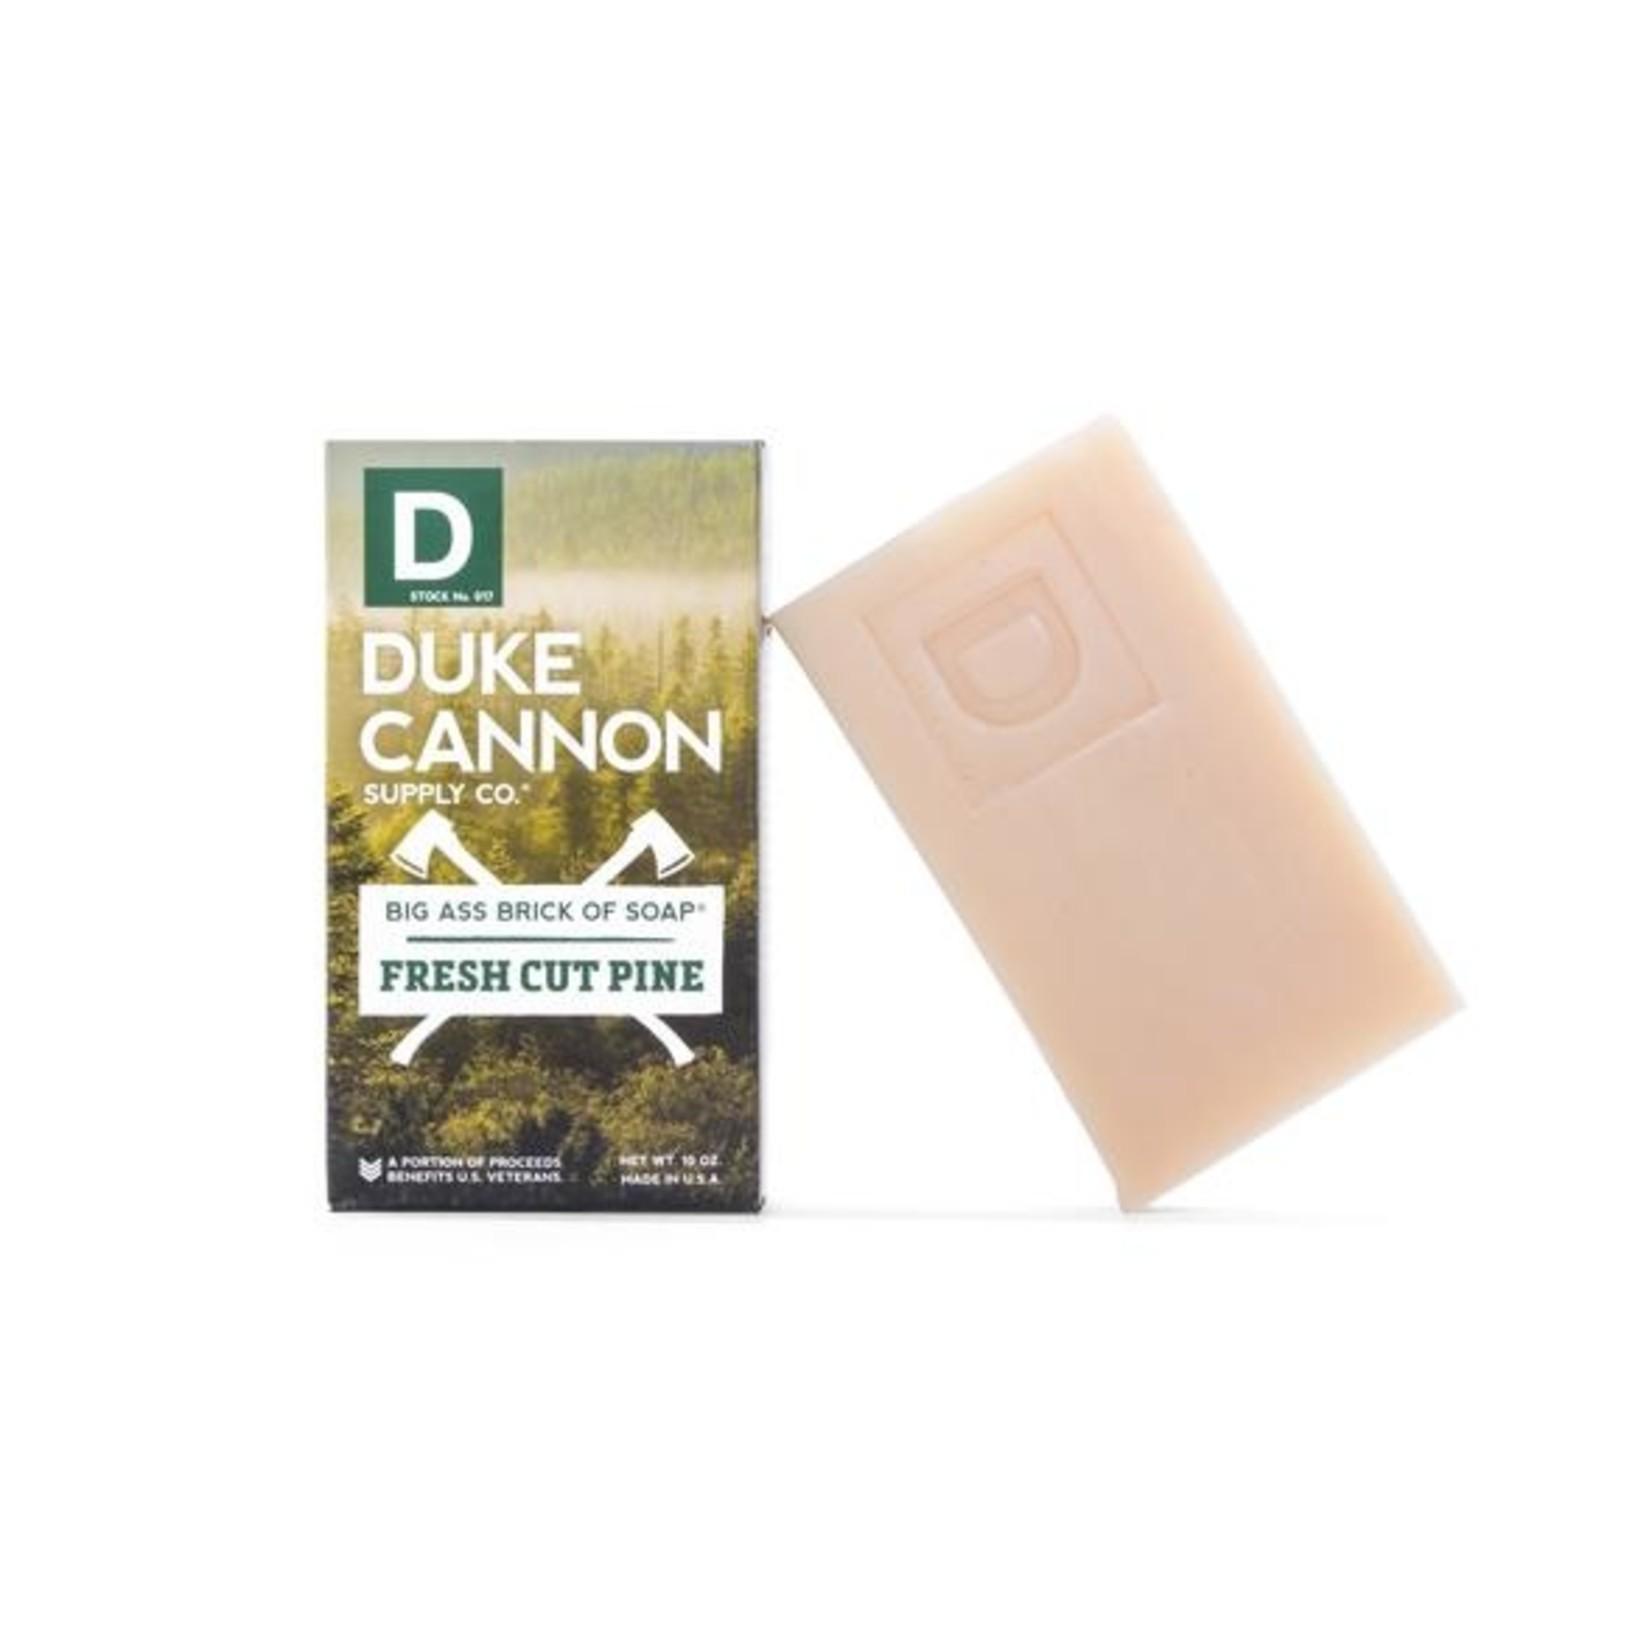 Duke Cannon Supply Co. Duke Cannon Big Ass Brick of Soap - 4 Scents